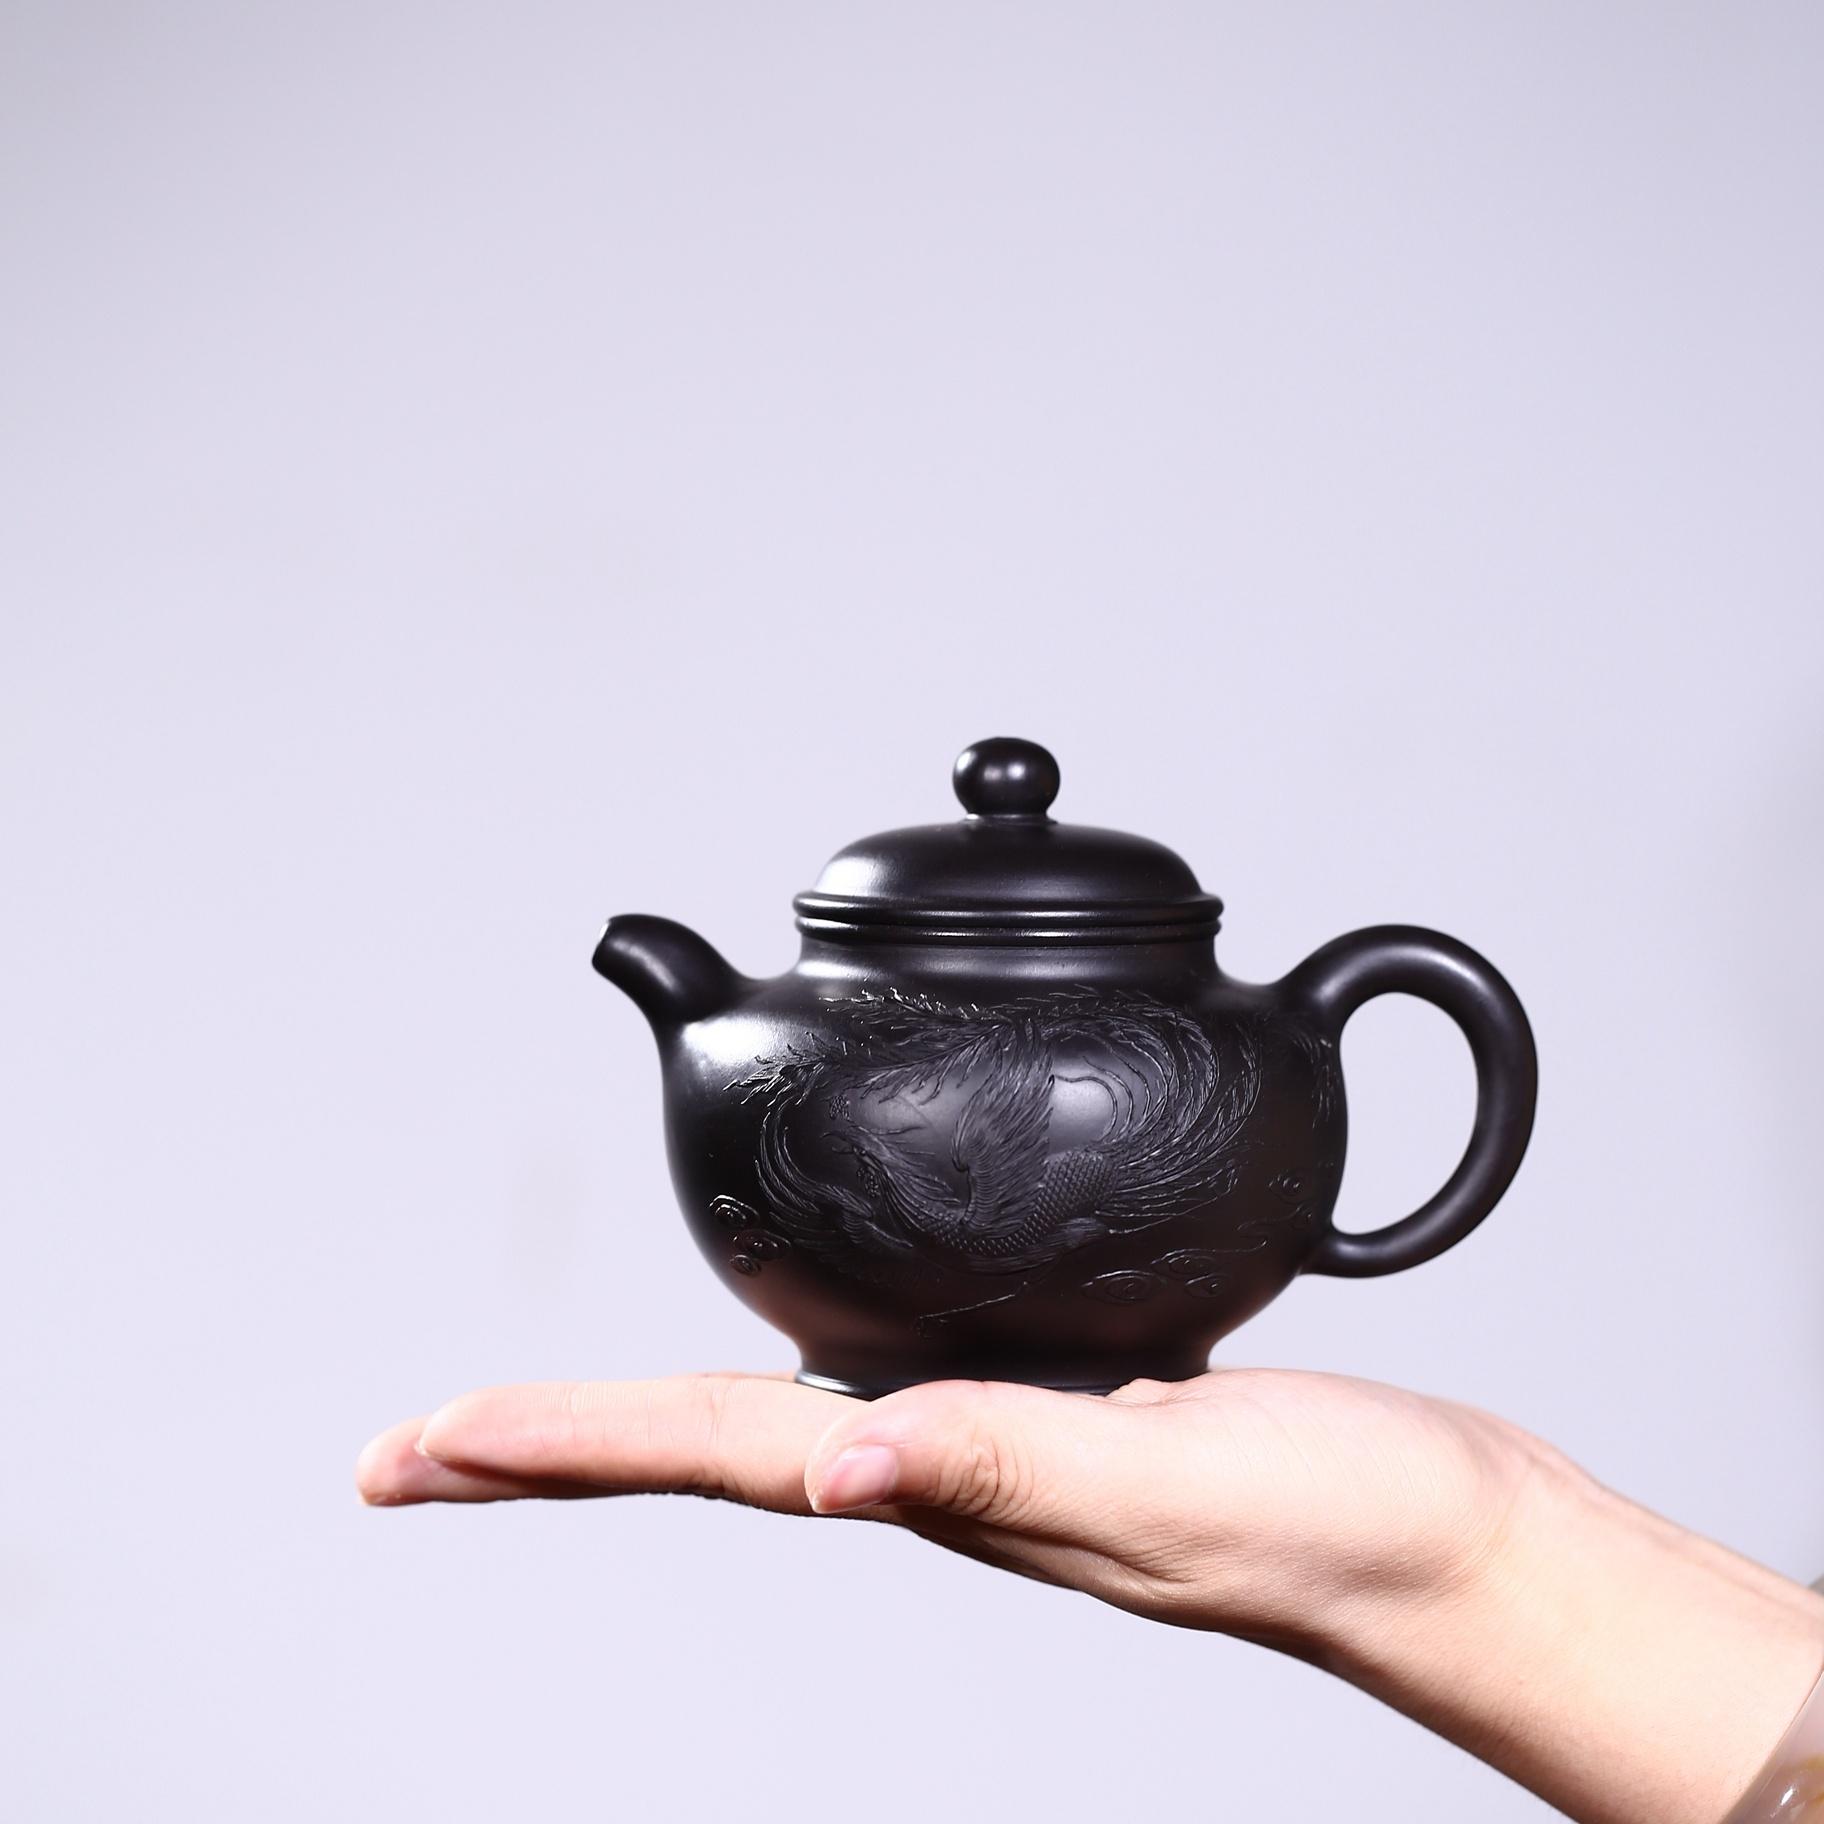 紫砂焐灰壶是什么及其特点